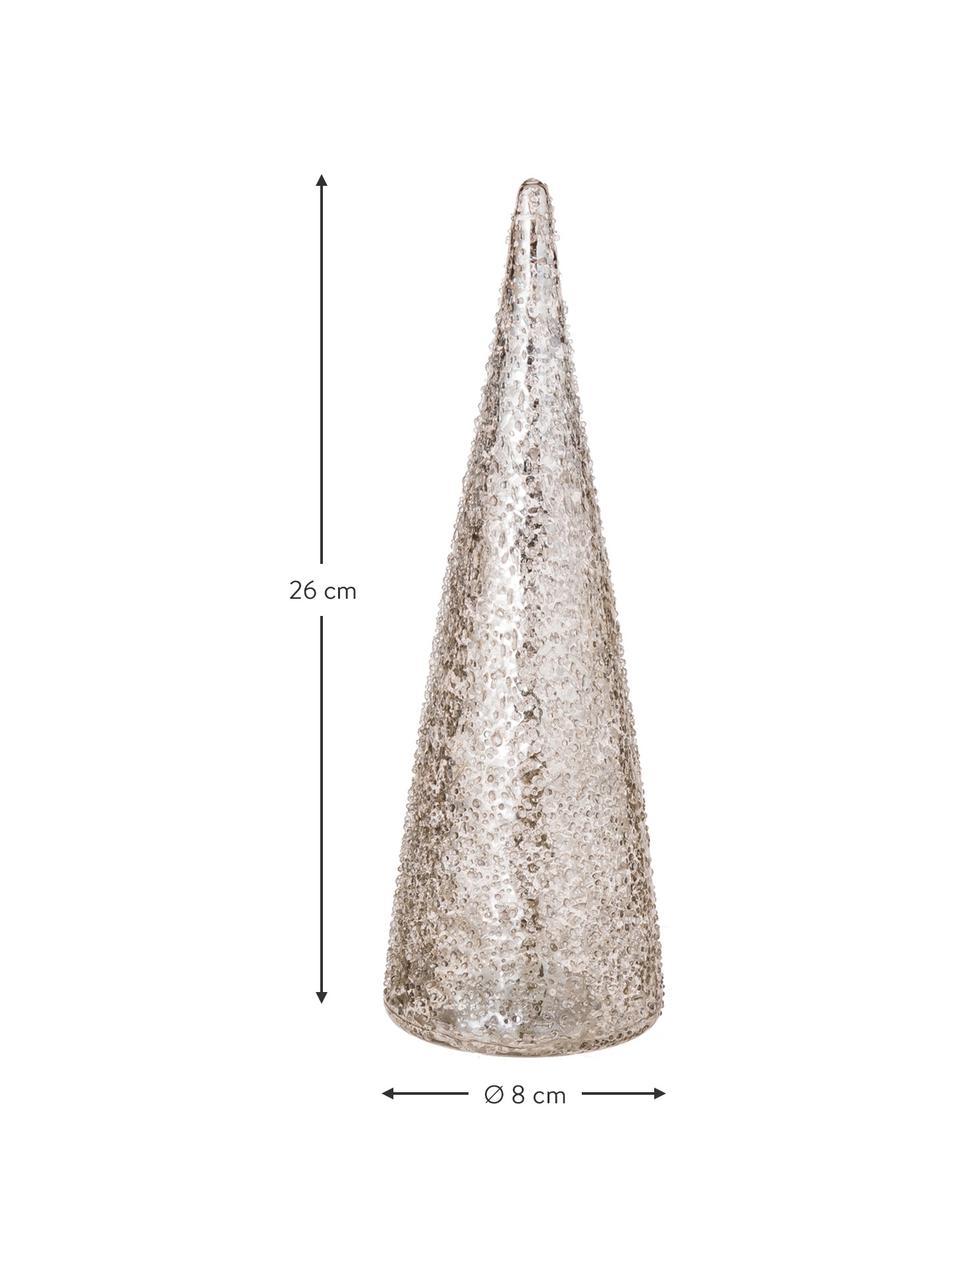 LED Leuchtobjekt Velma H 26 cm, batteriebetrieben, Glas, Silberfarben, Ø 8 x H 26 cm